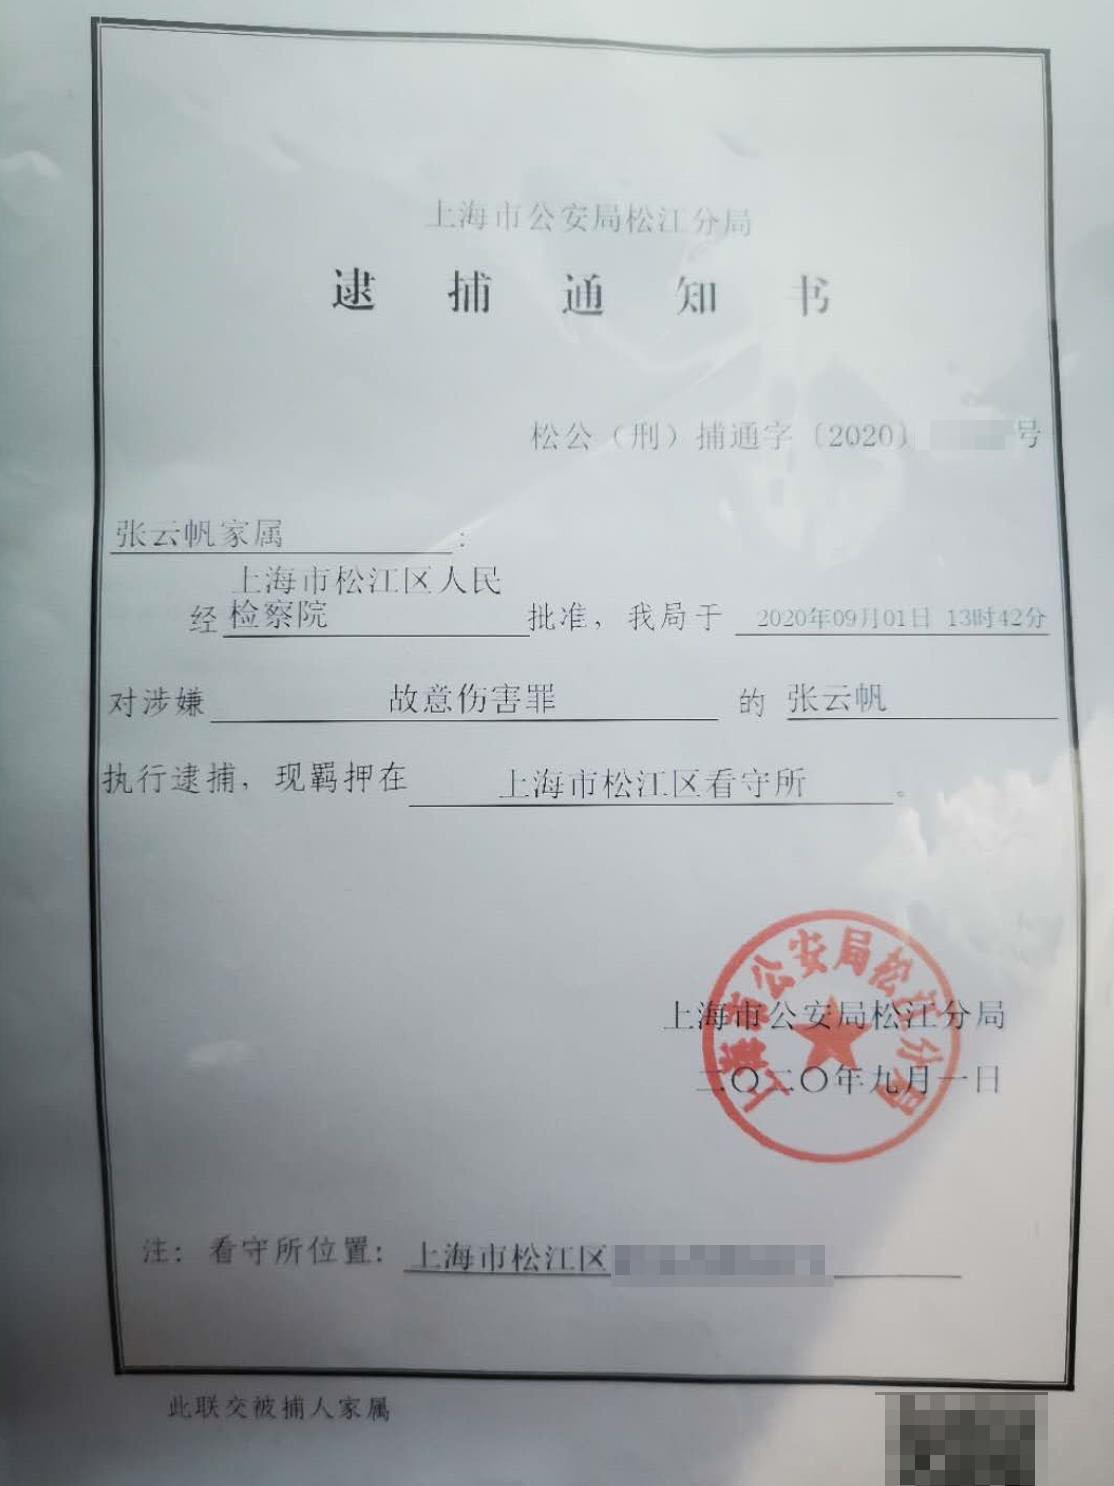 上海市公安局松江分局交给张云帆家属的逮捕通知书。本文图片均由受访者提供